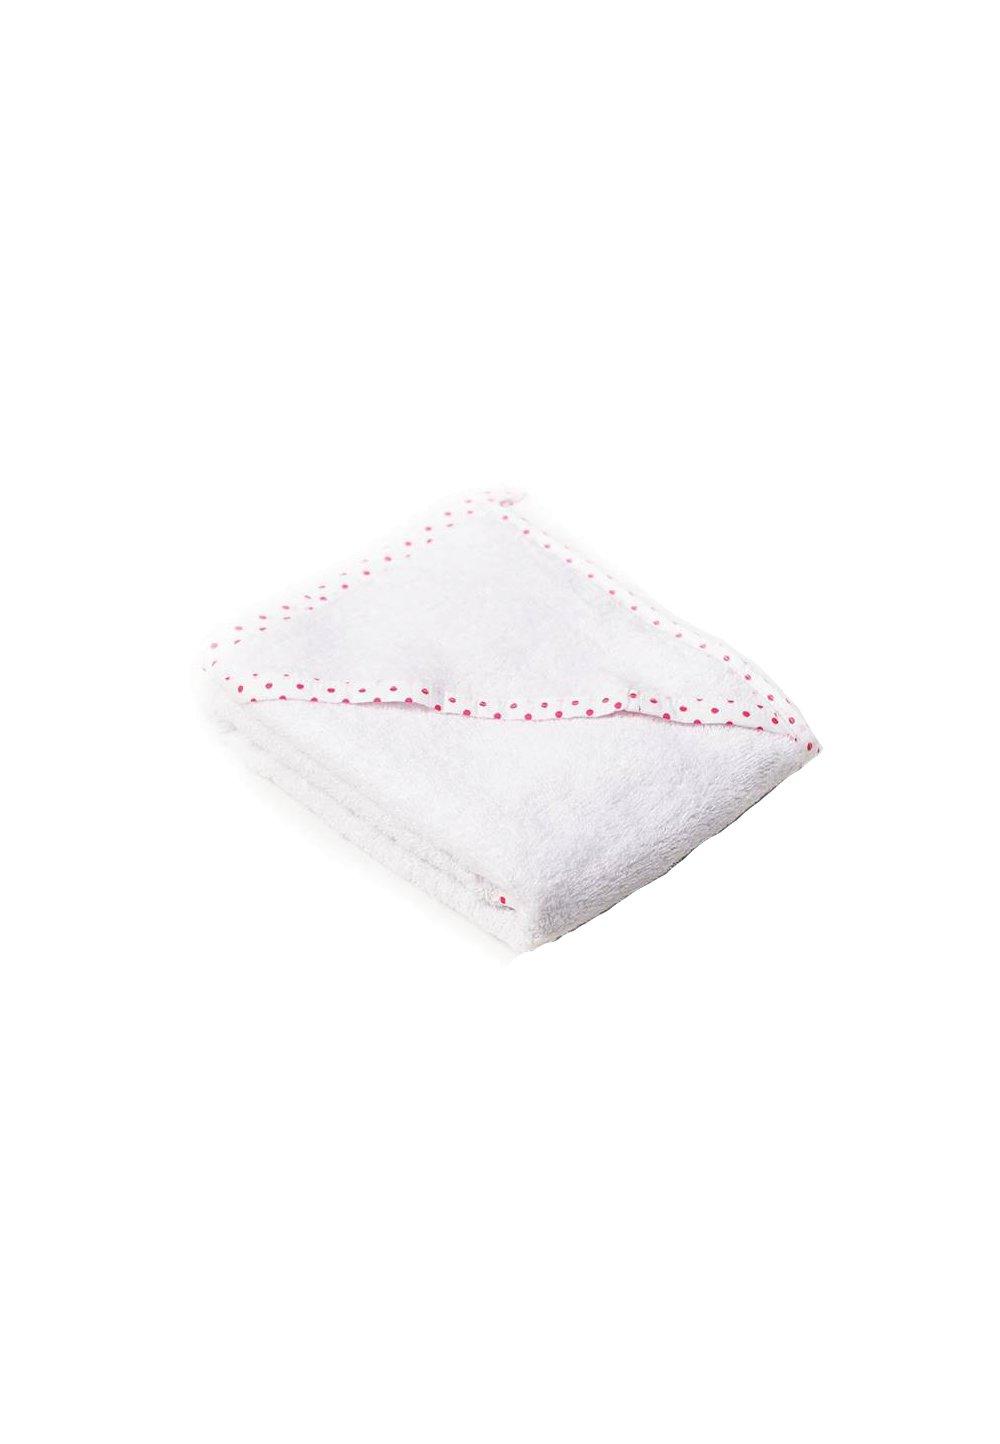 Prosop baie cu gluga, bumbac, alb cu blulinute roz, 75x75cm imagine